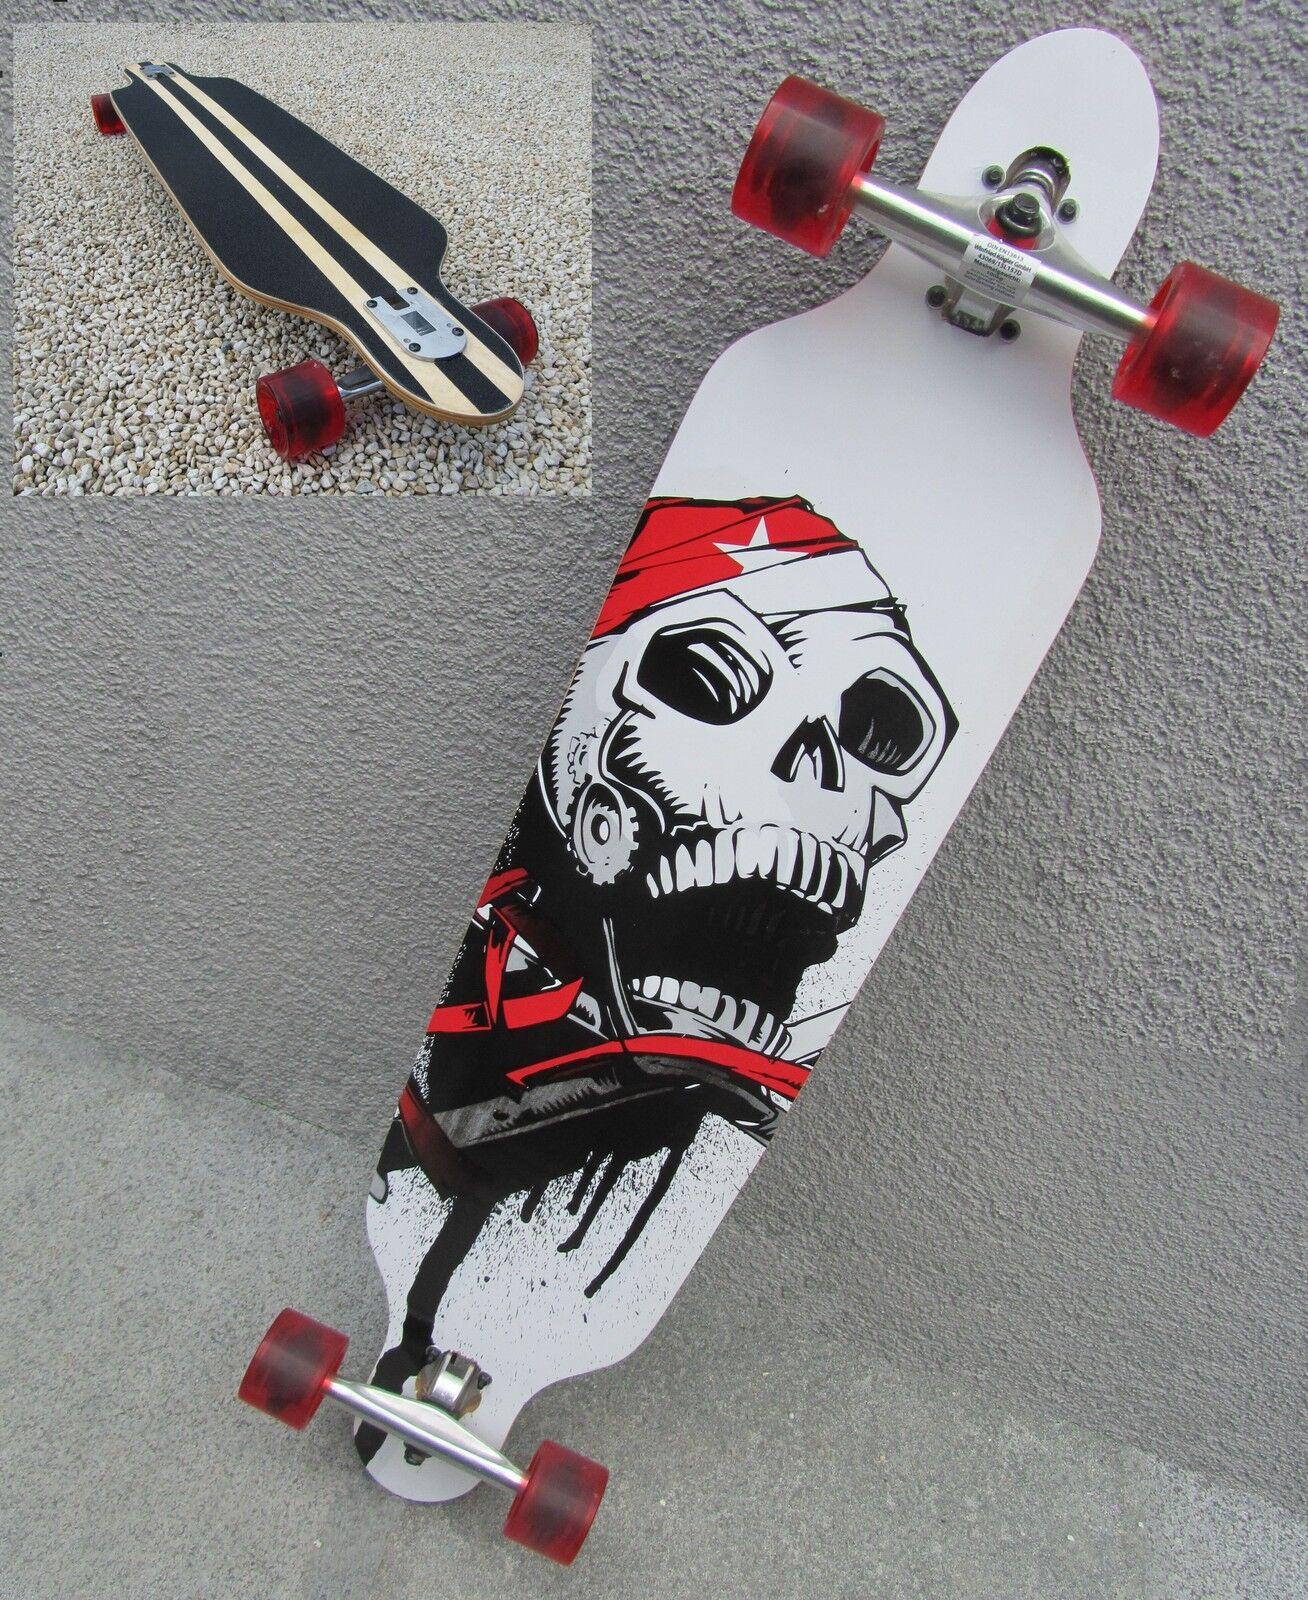 Longboard 41 Totenkopf Long Board abec11 Skateboard Surfboard abec11 Board Nr 43069 e5f5c5